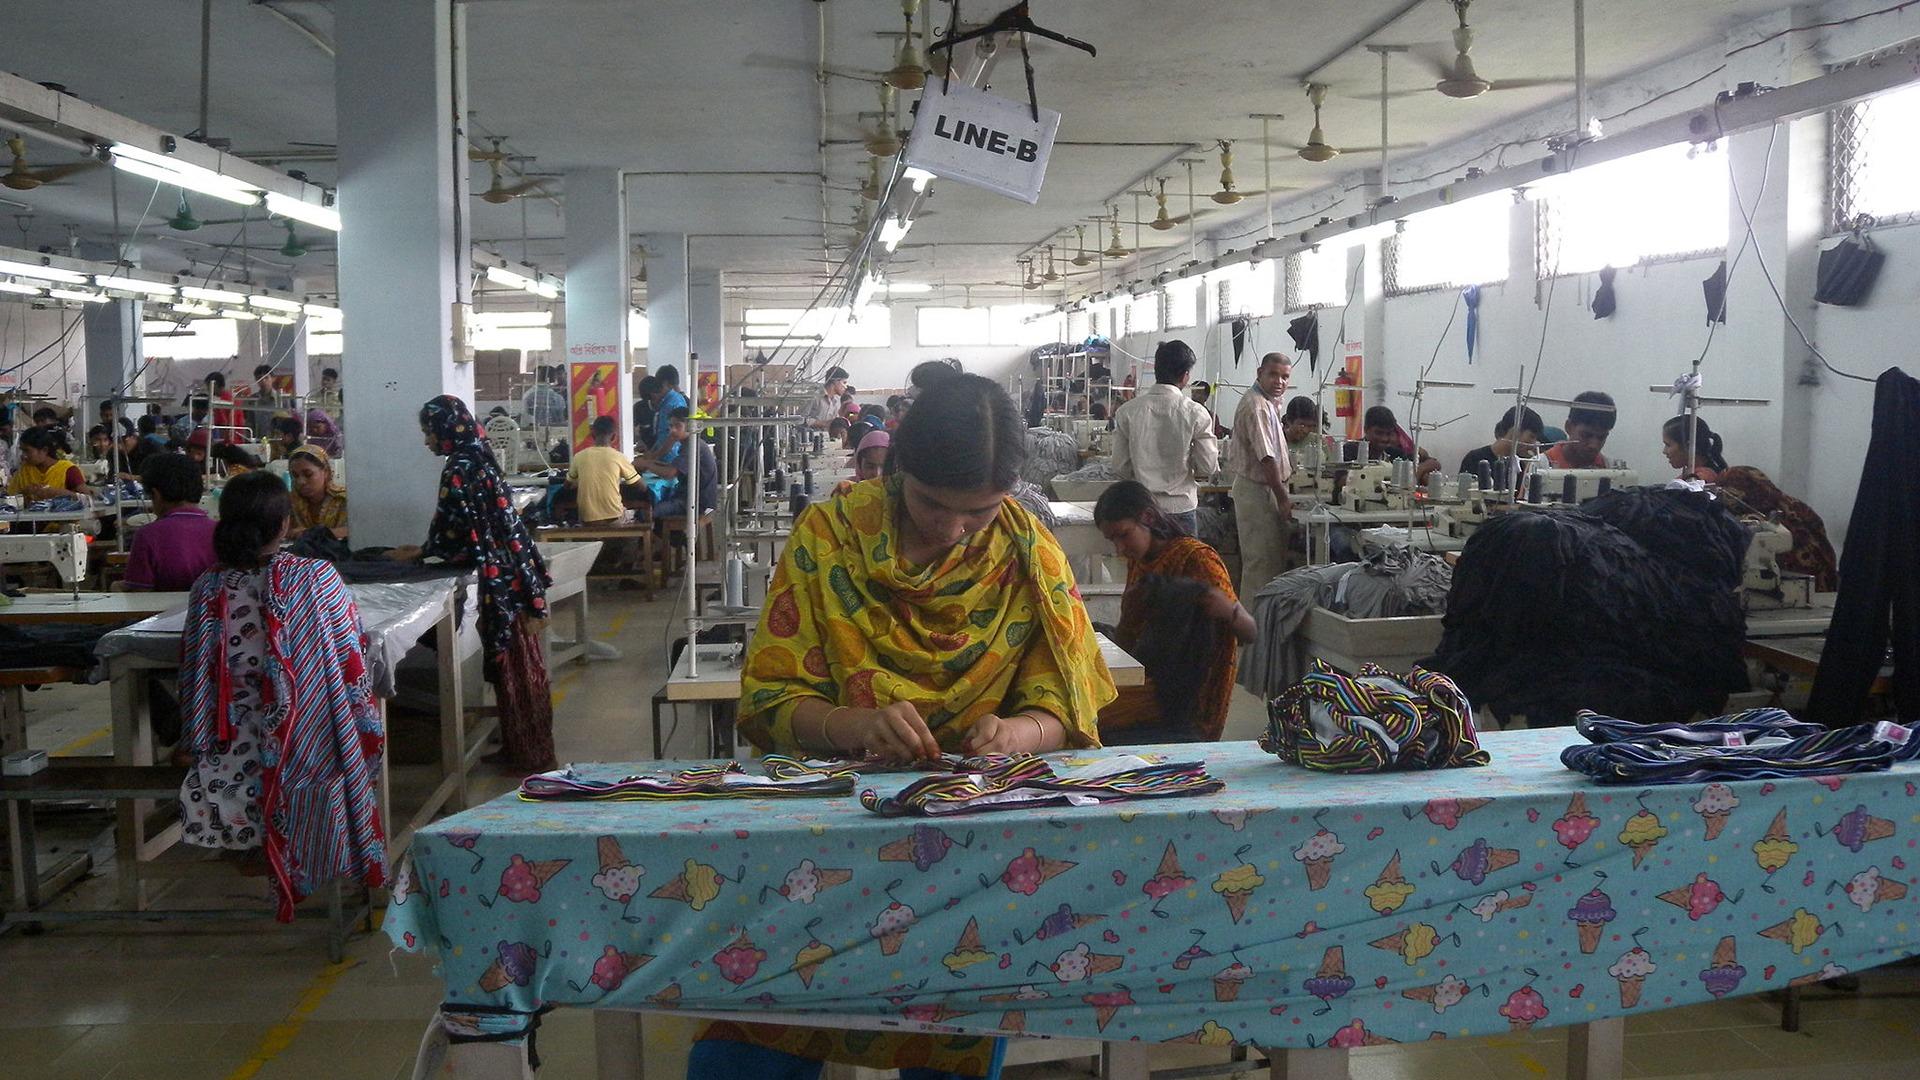 Duurzaam ondernemen in de kledingindustrie